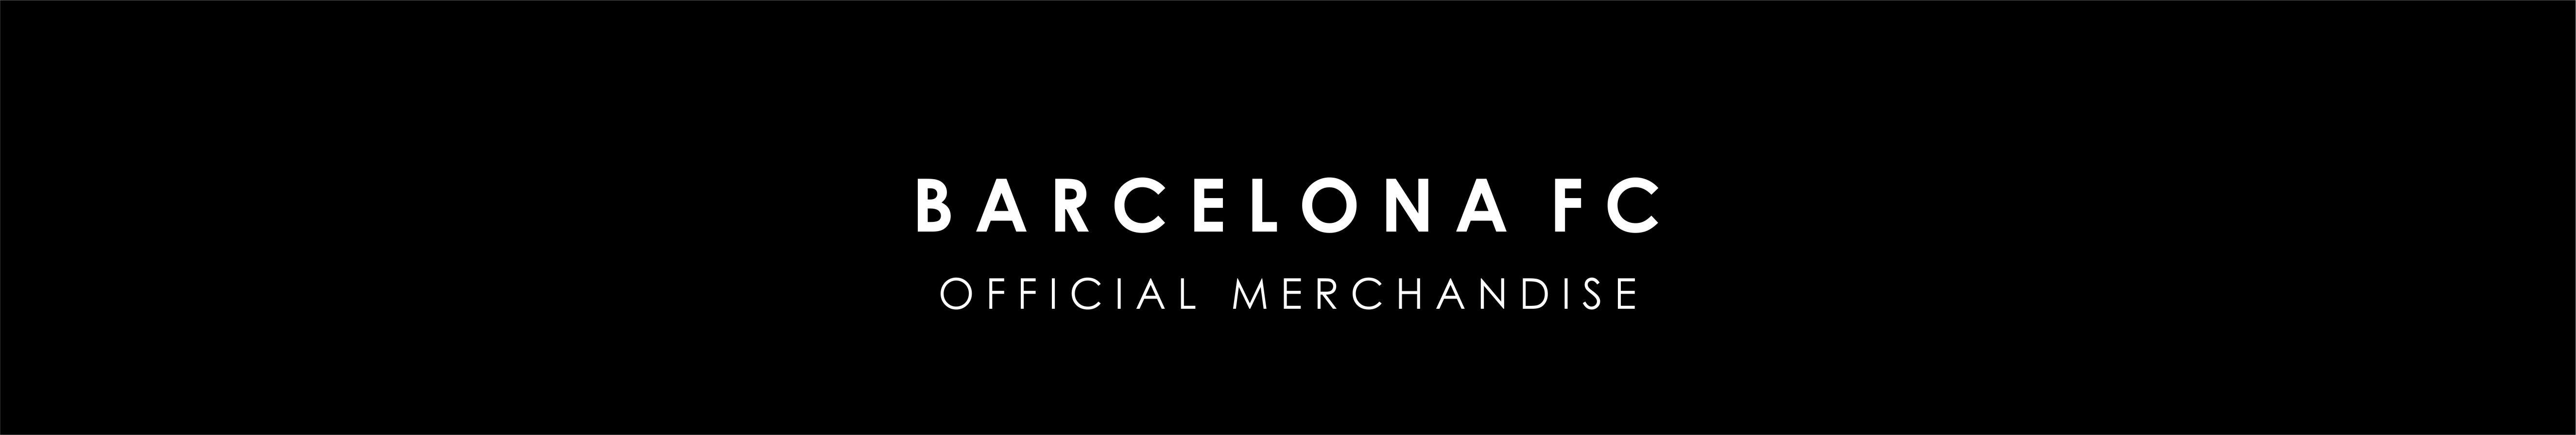 barcelona-fc-banner.jpg